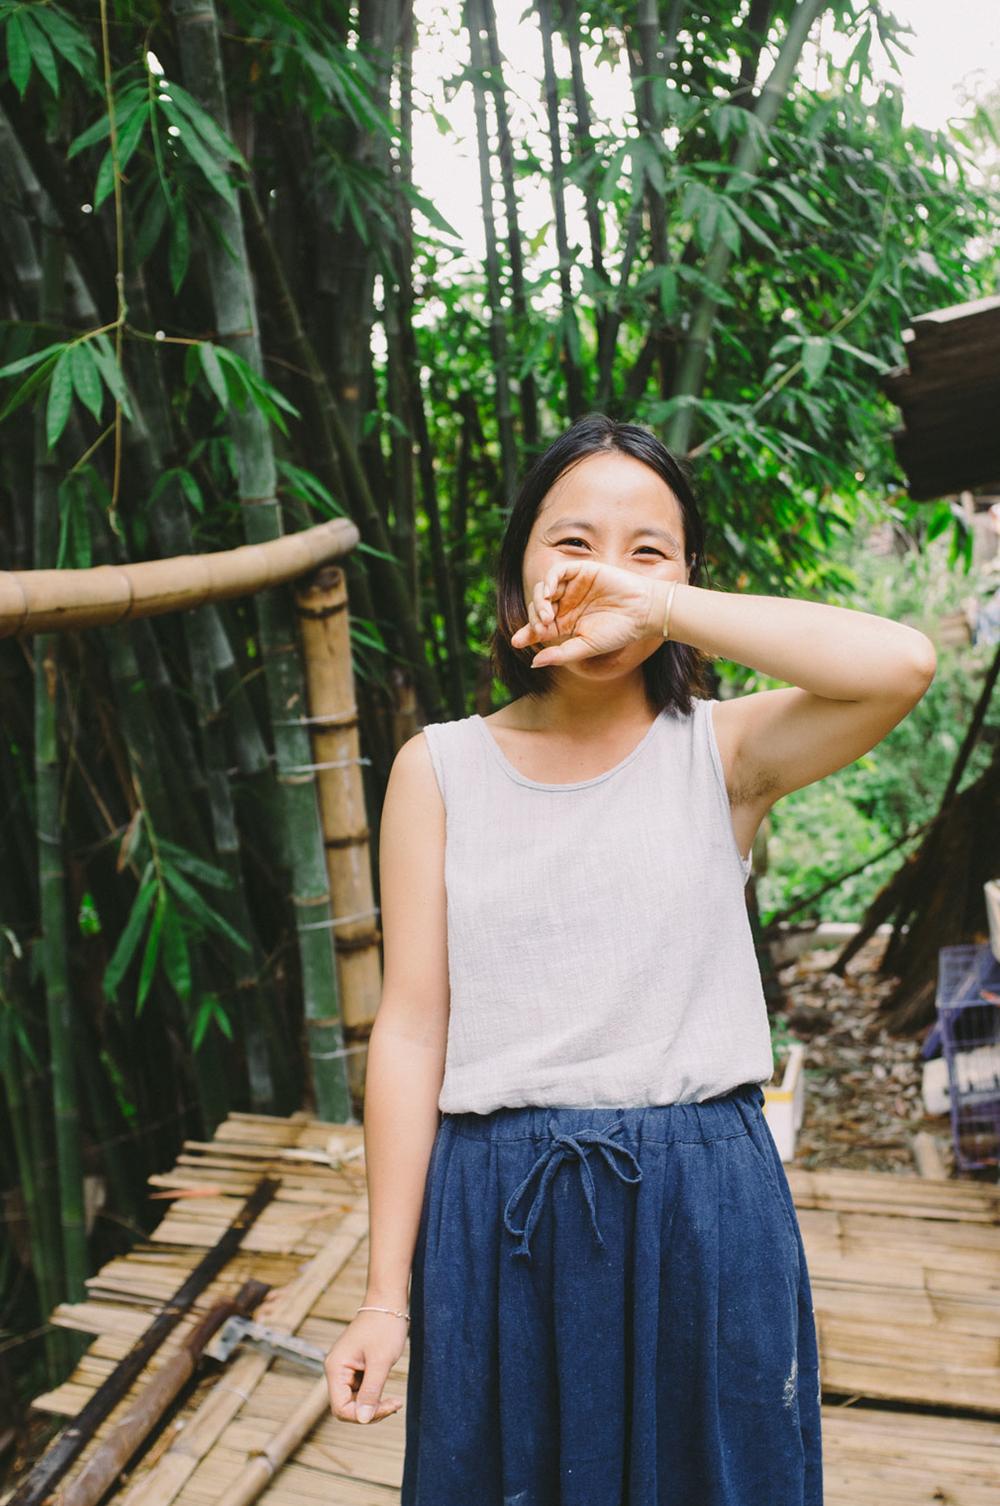 pottery_xishuanbanna-5.jpg